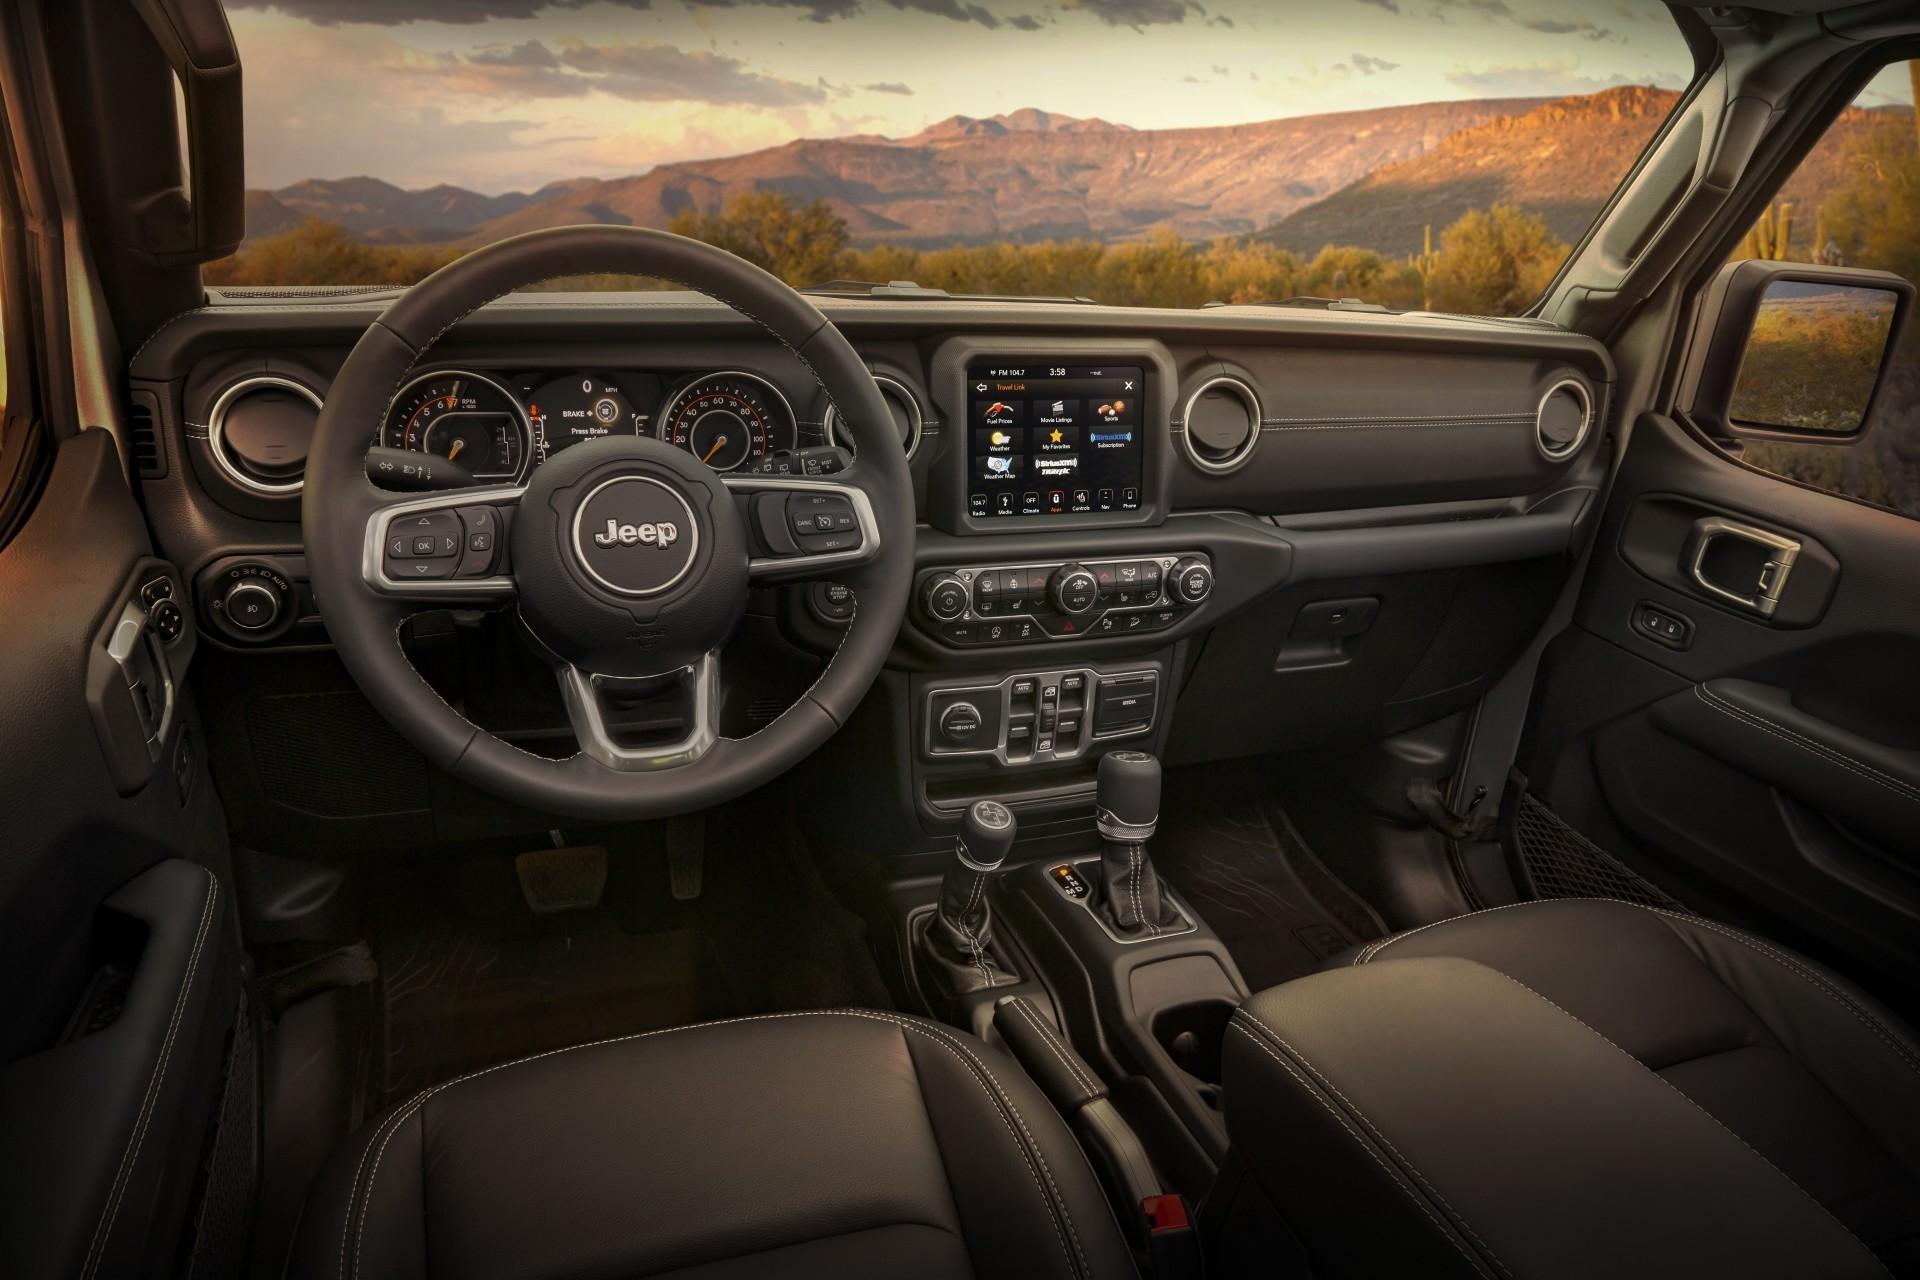 2020 jeep wrangler gallery interior front dash 578fce861cb9778a941bc31241406cba